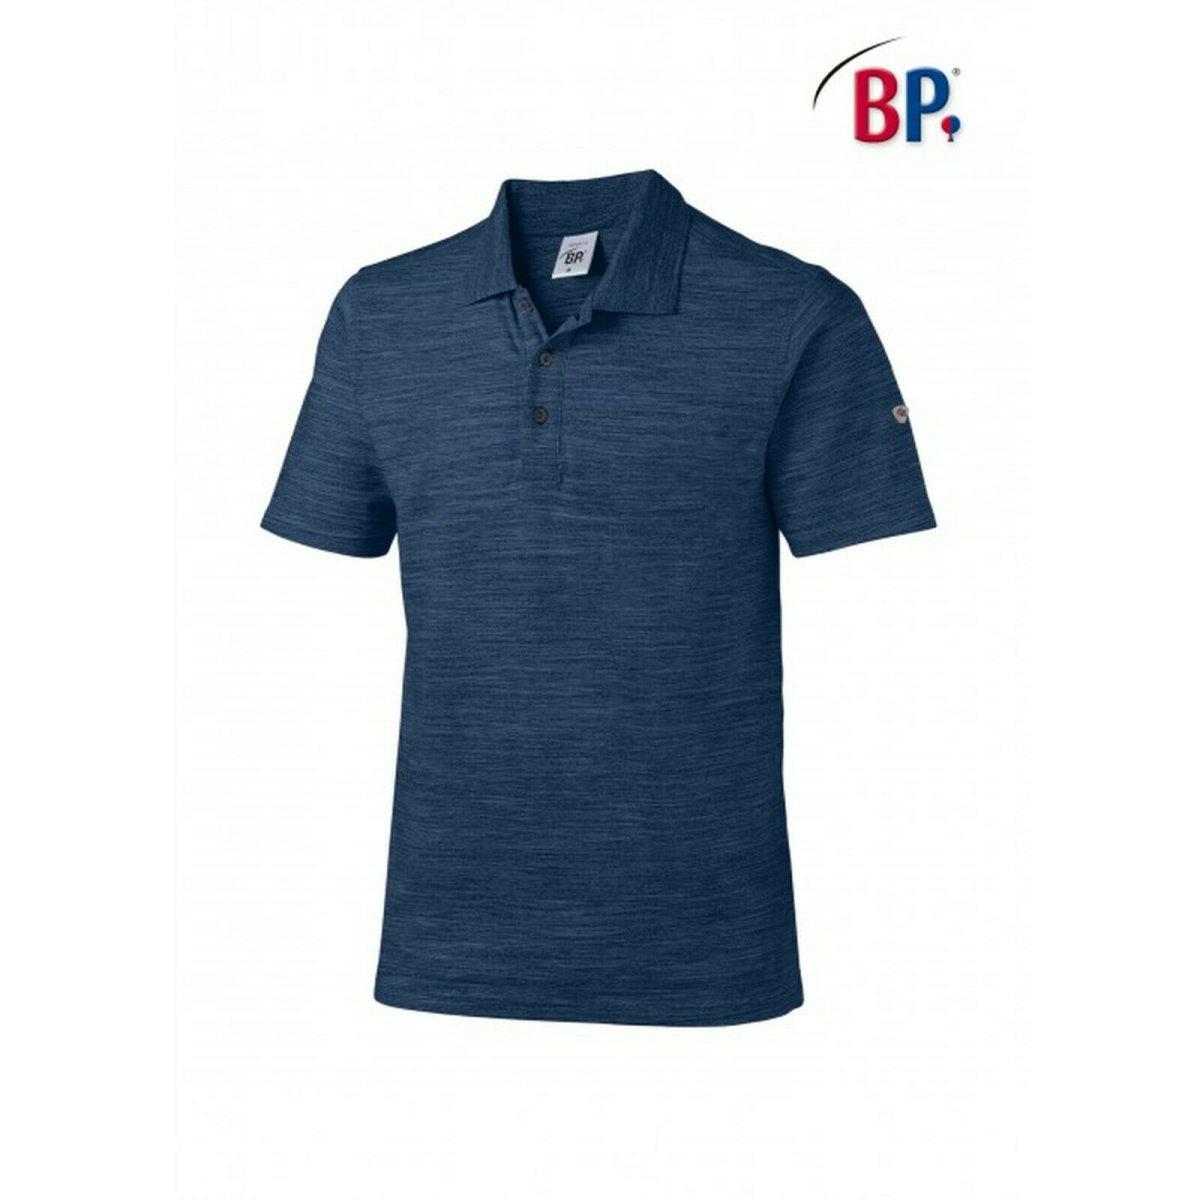 BP Workwear Poloshirt für Sie & Ihn 1712 space blau modern fit Stretch Shirt S